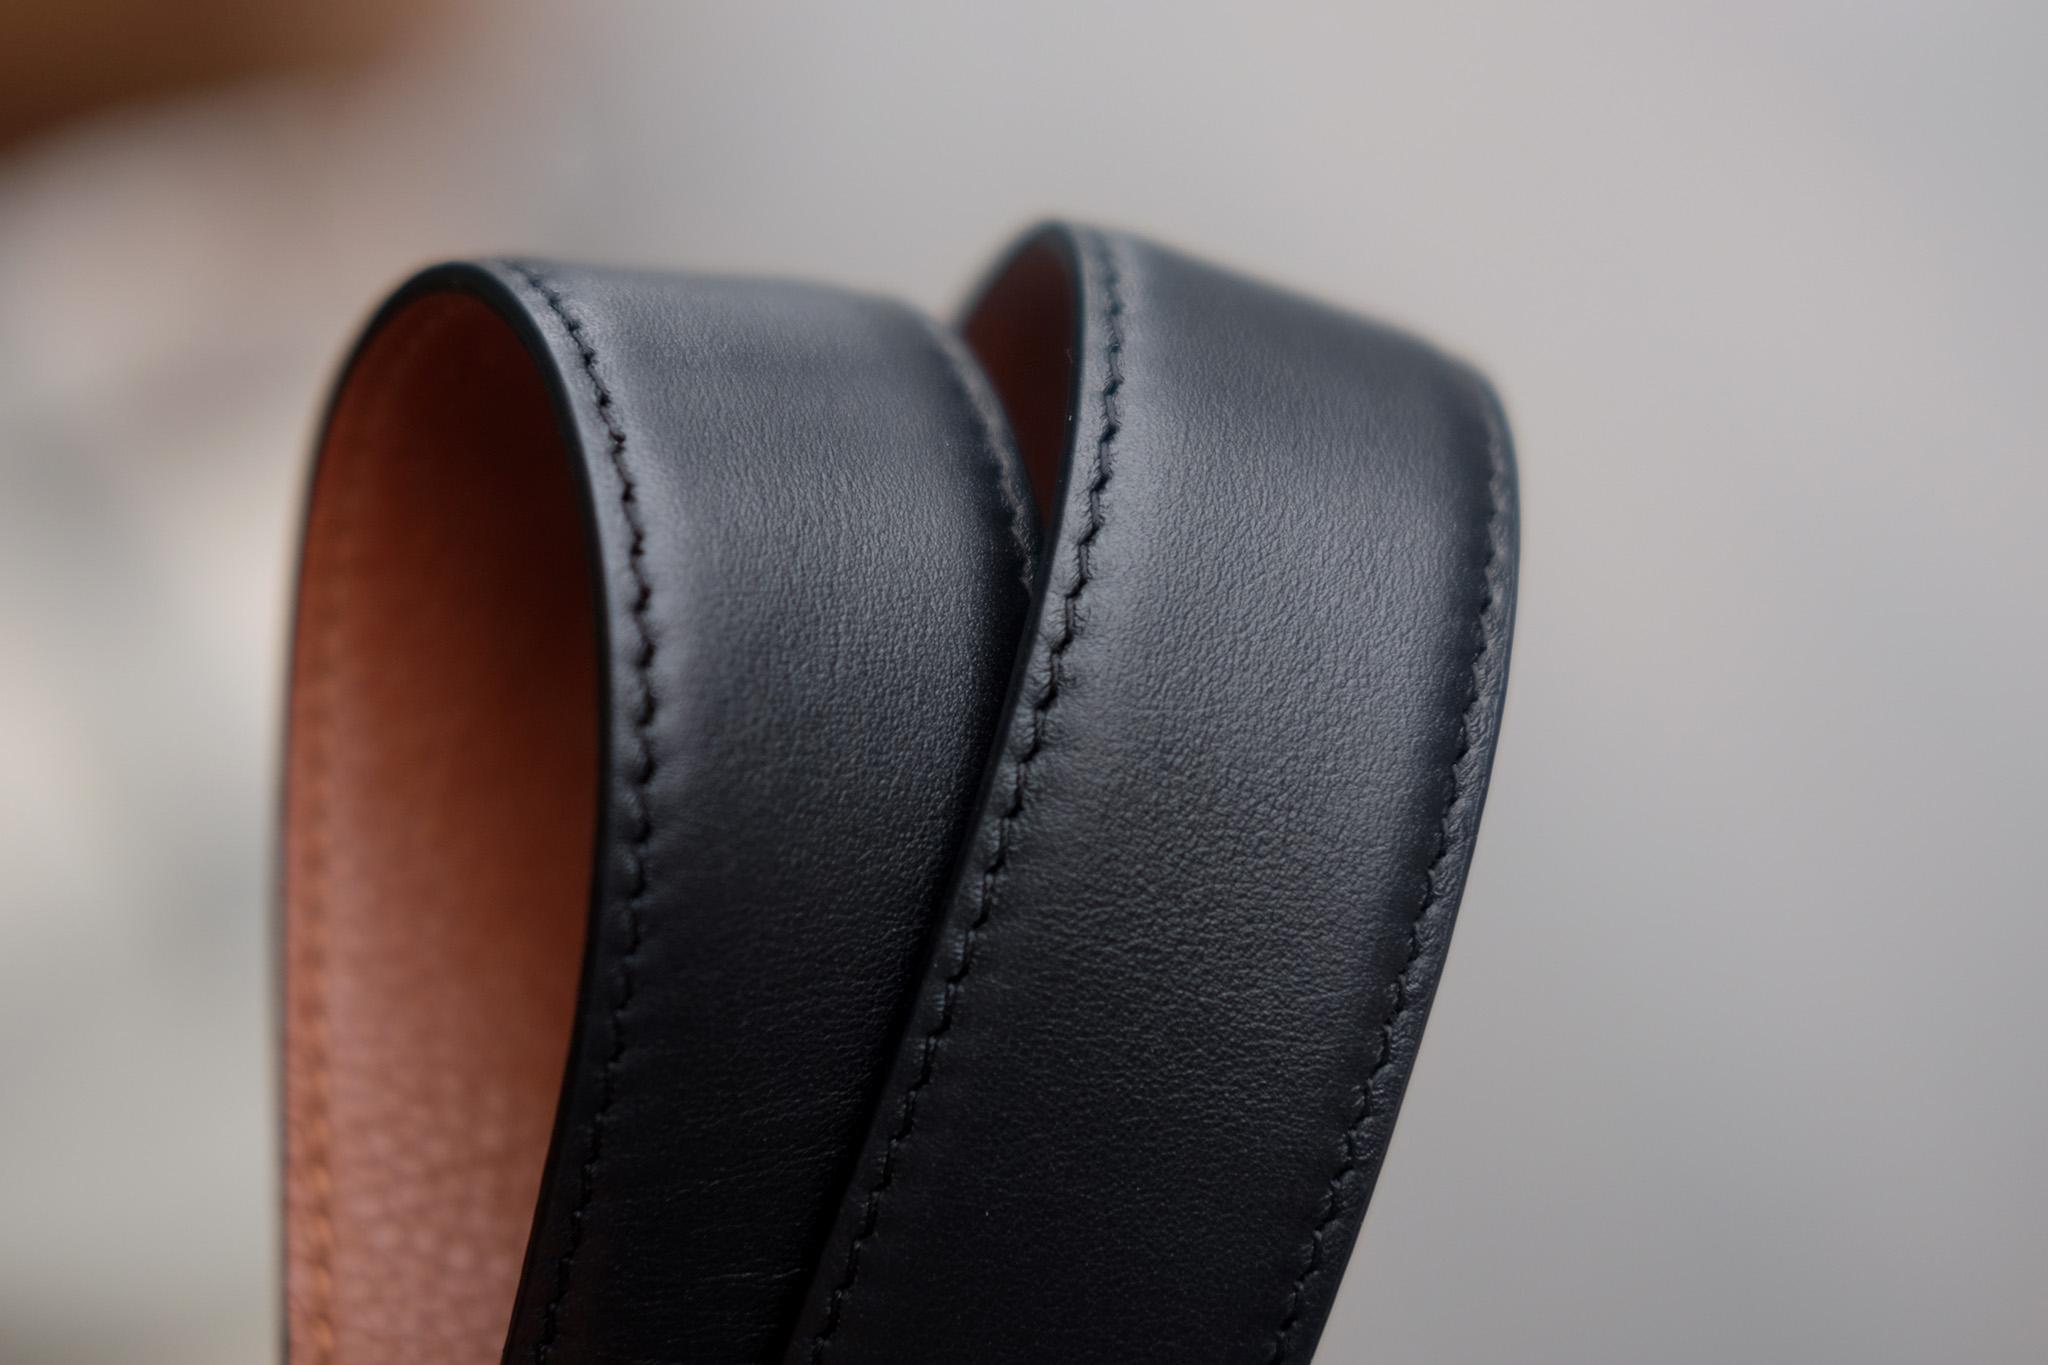 DSCF3868 1 - MINK Leather